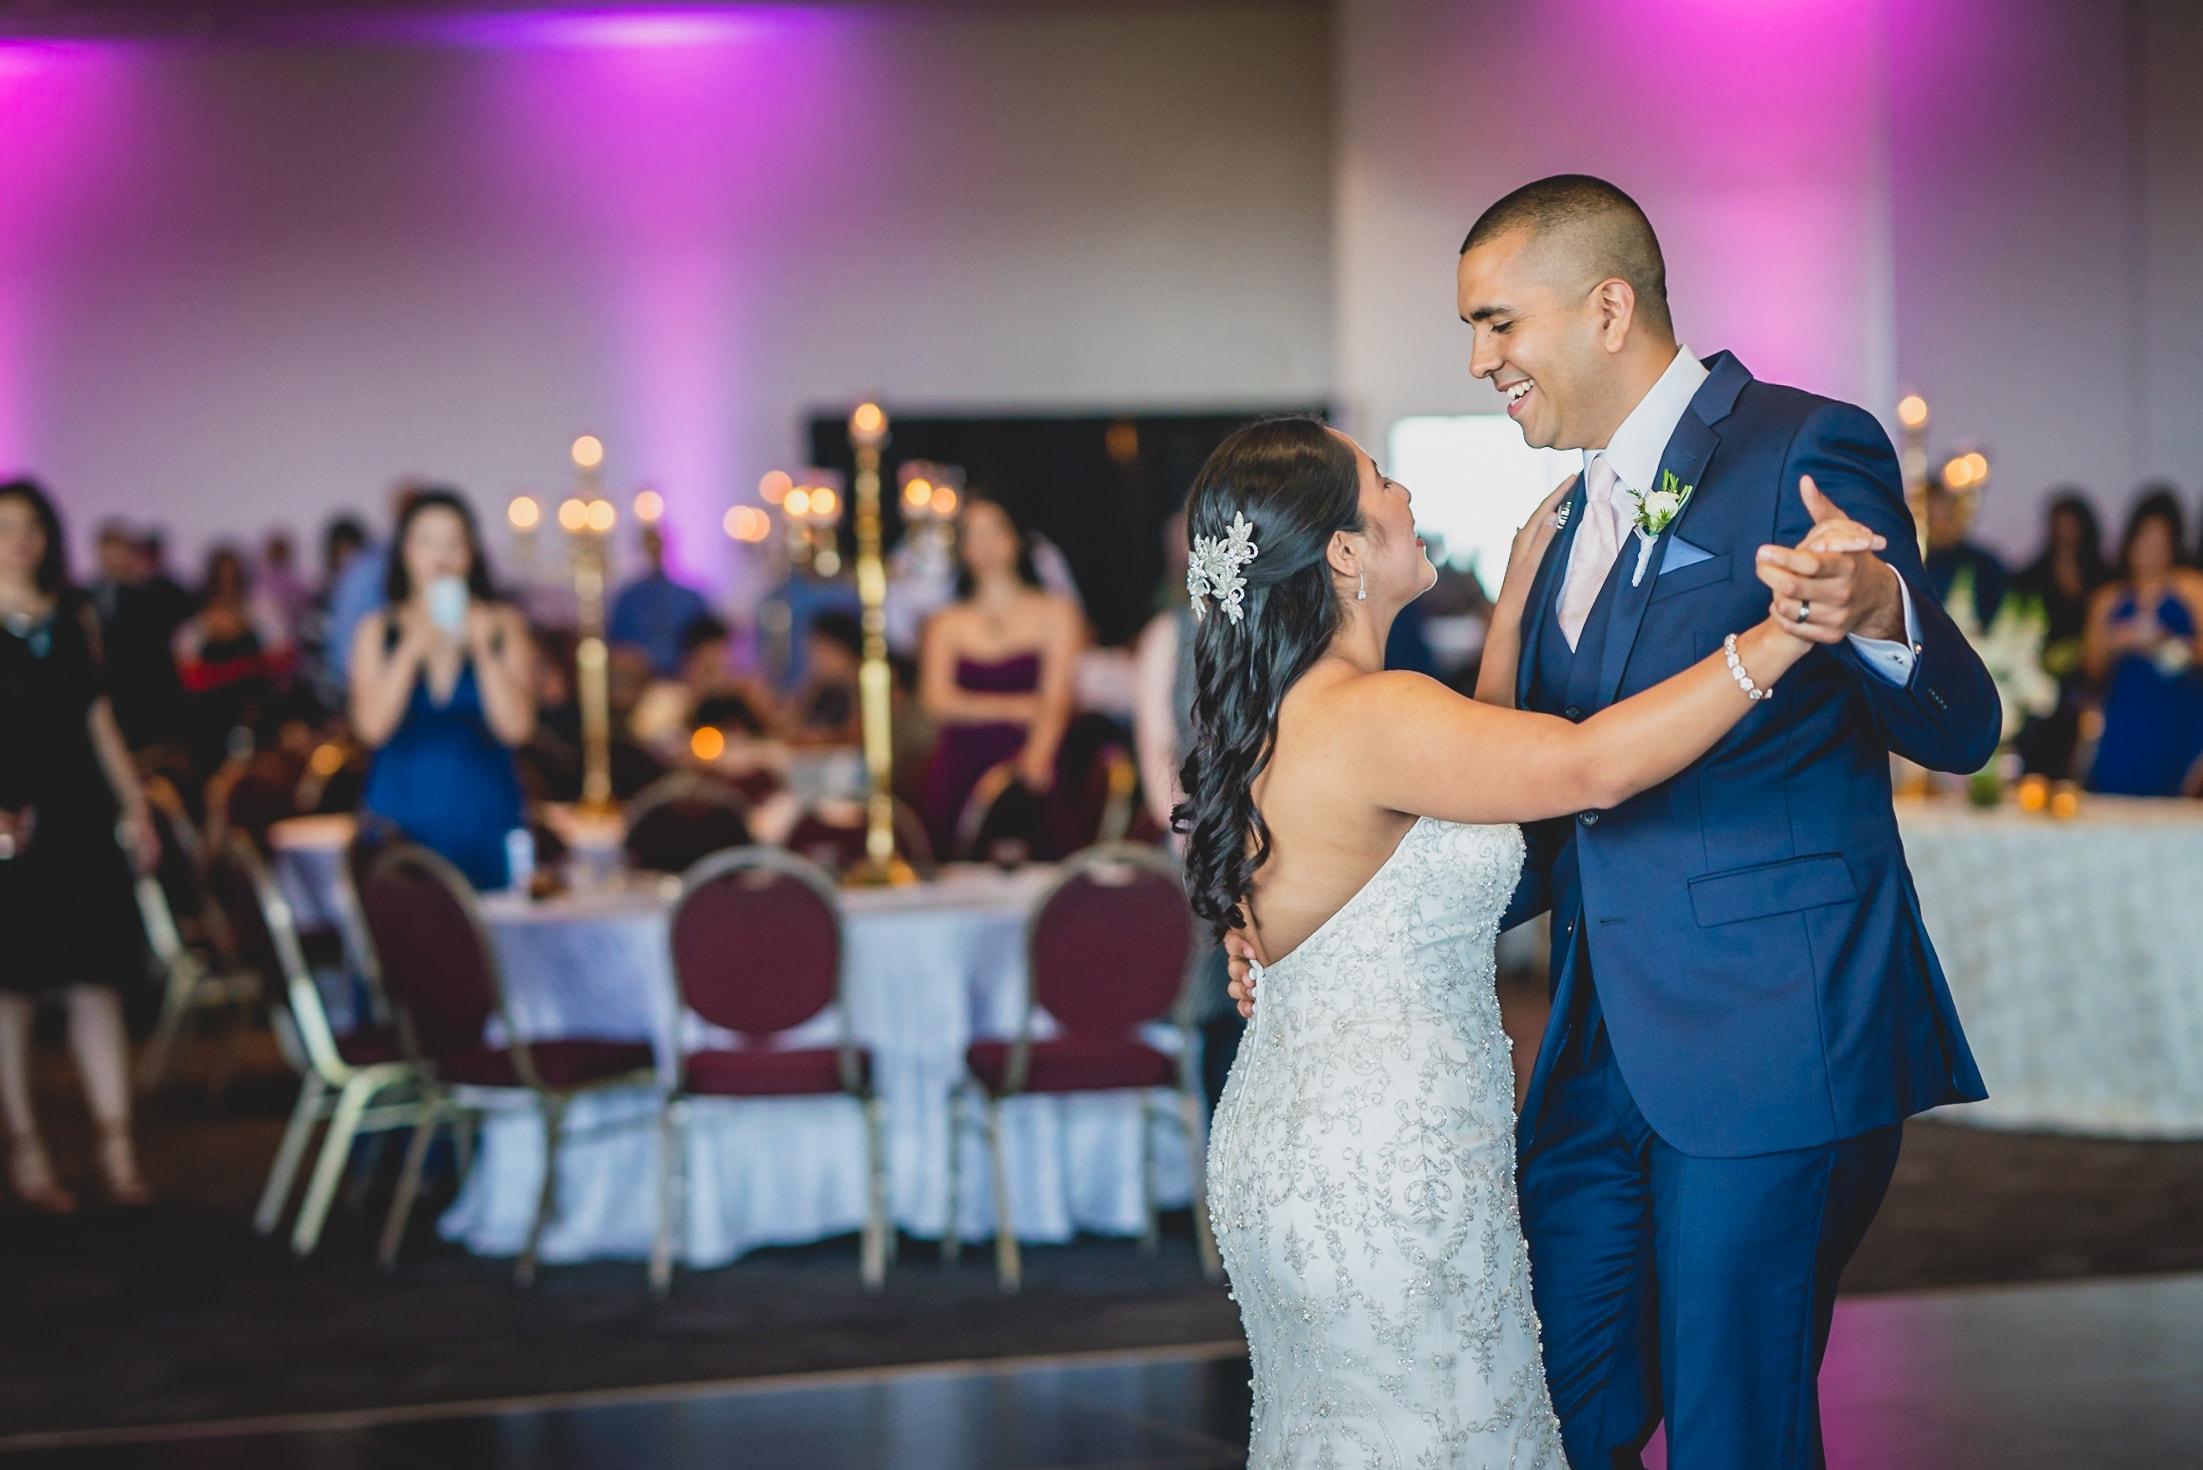 Wedding Videography - San Antonio, TX - Bride and groom dancing.